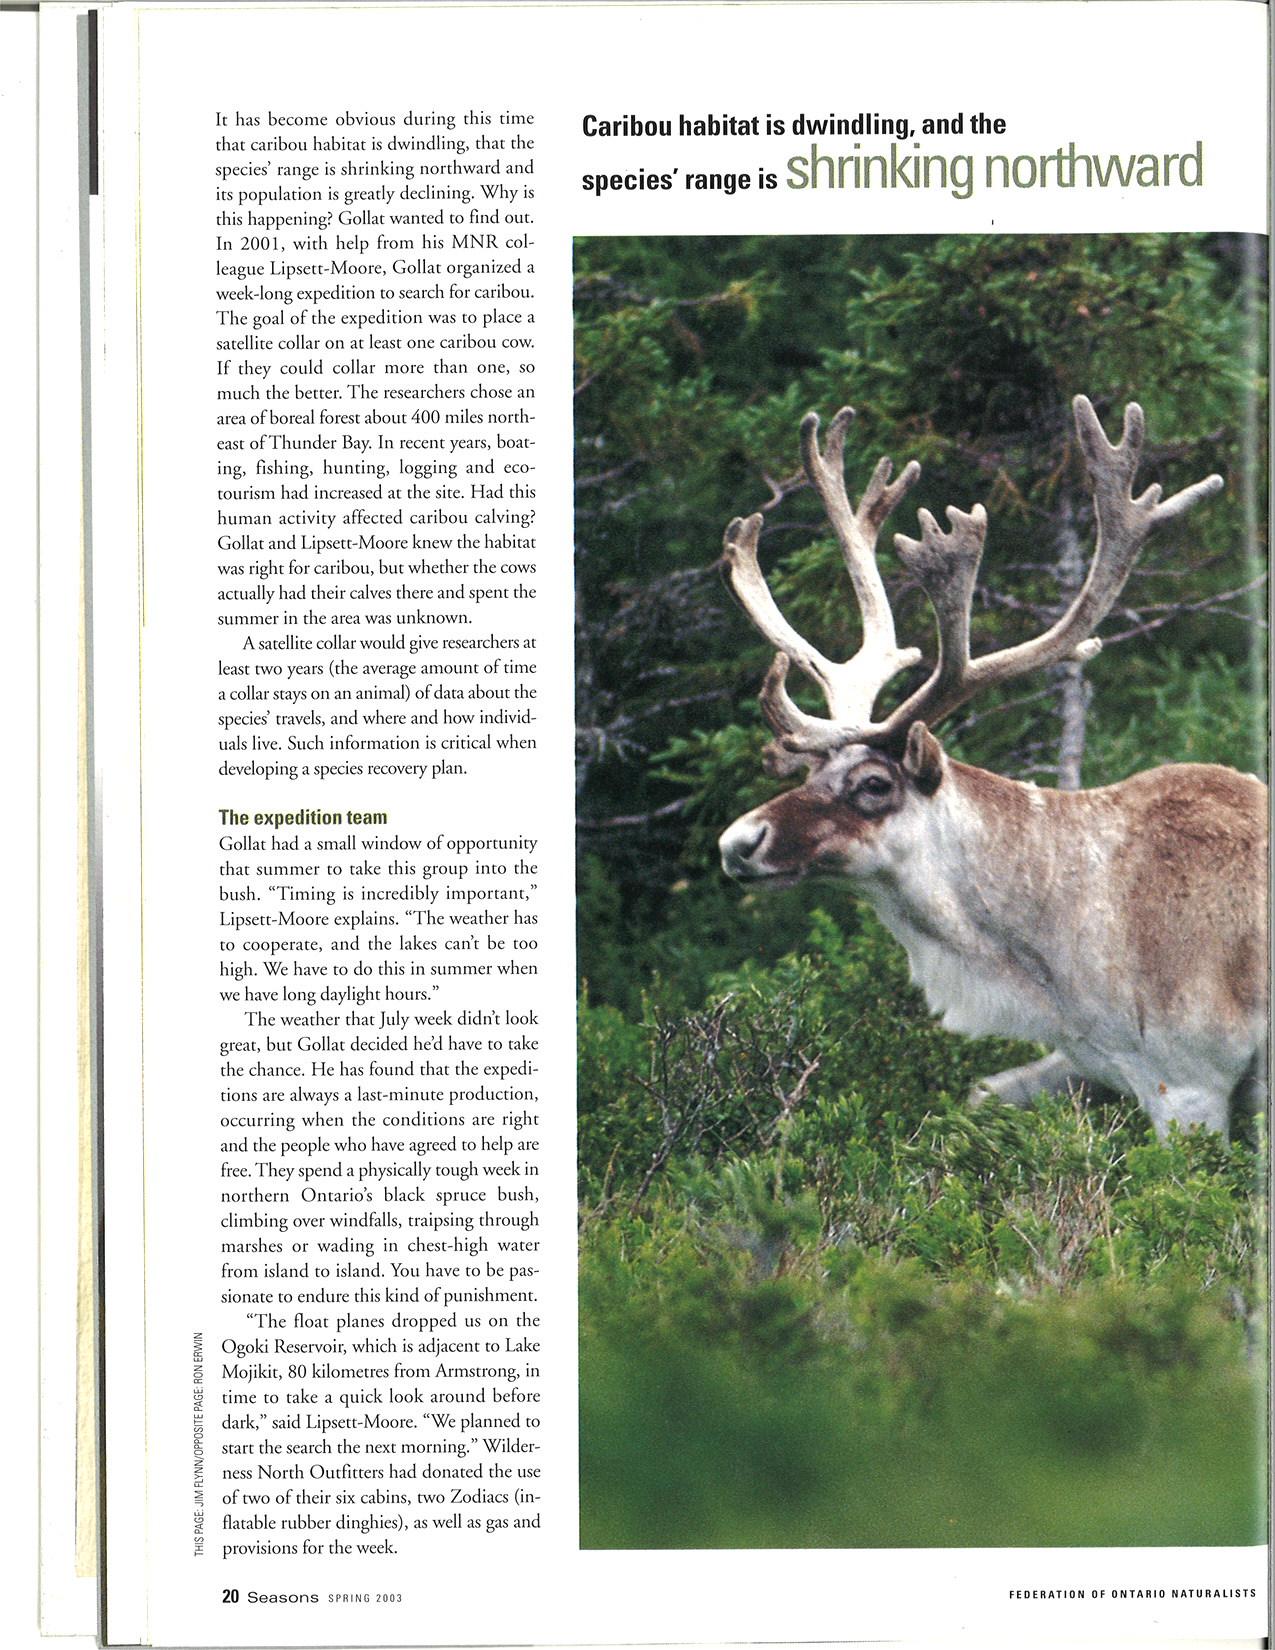 seasons_2003_v43_i1_f_caribou_quest_20